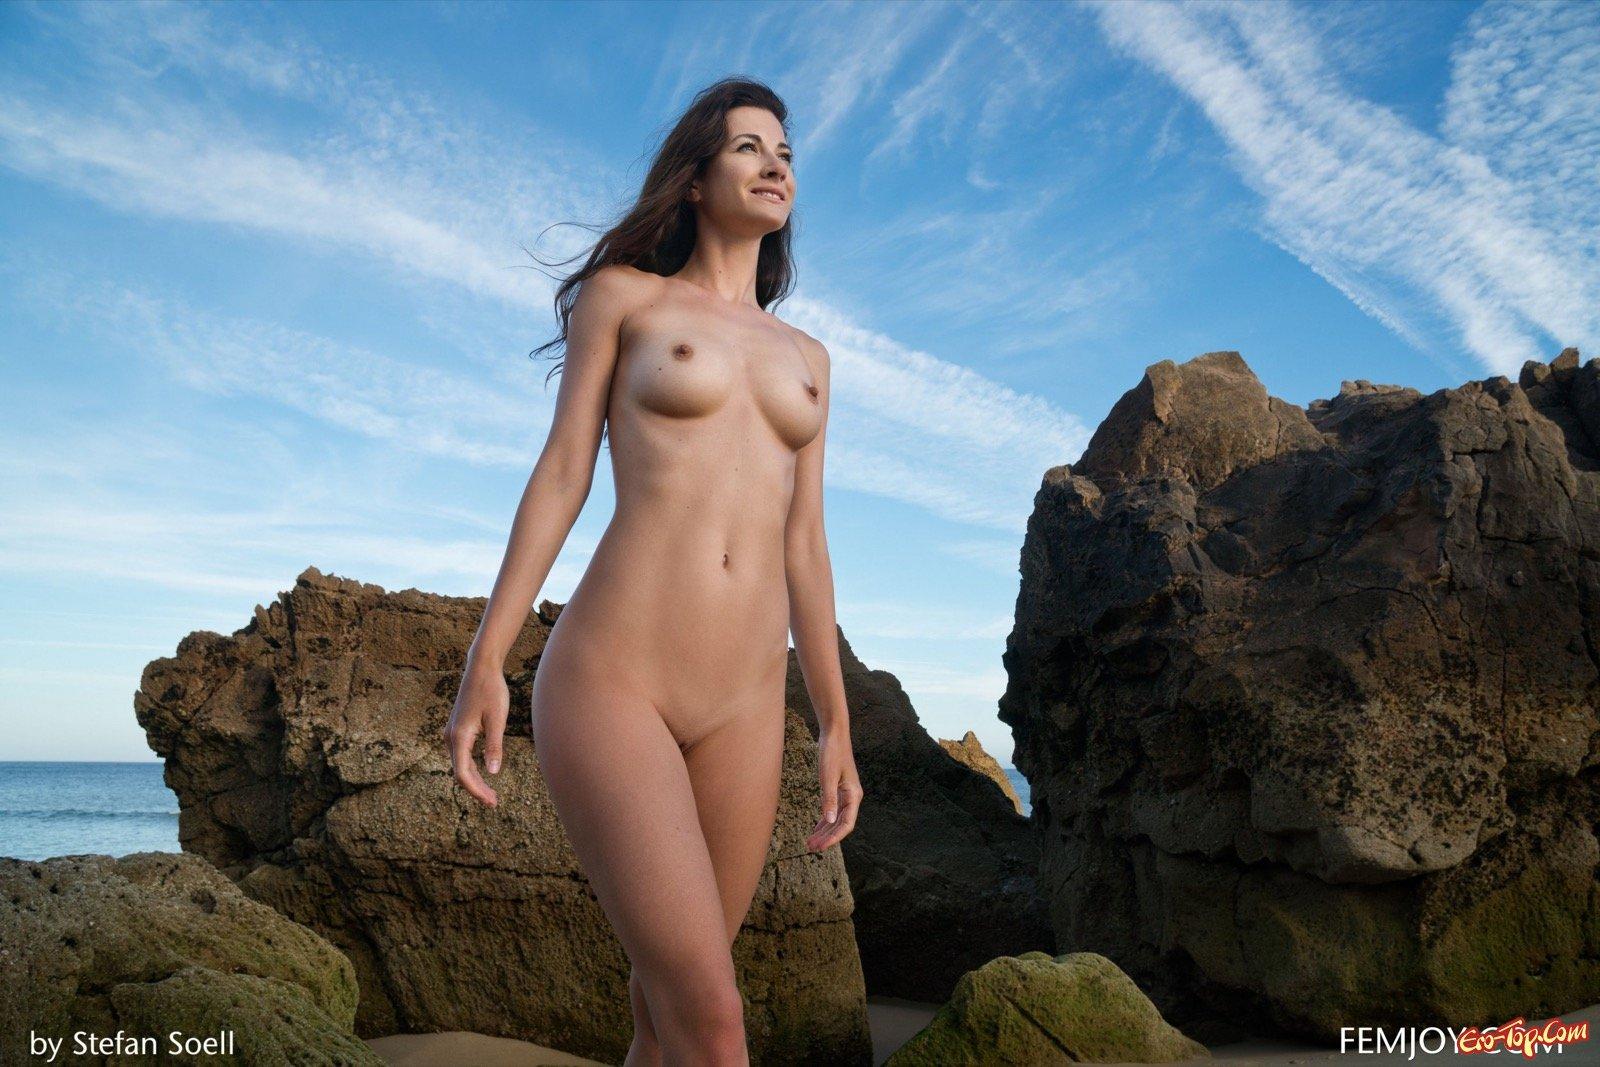 Голая девушка показывает стройное тело на природе